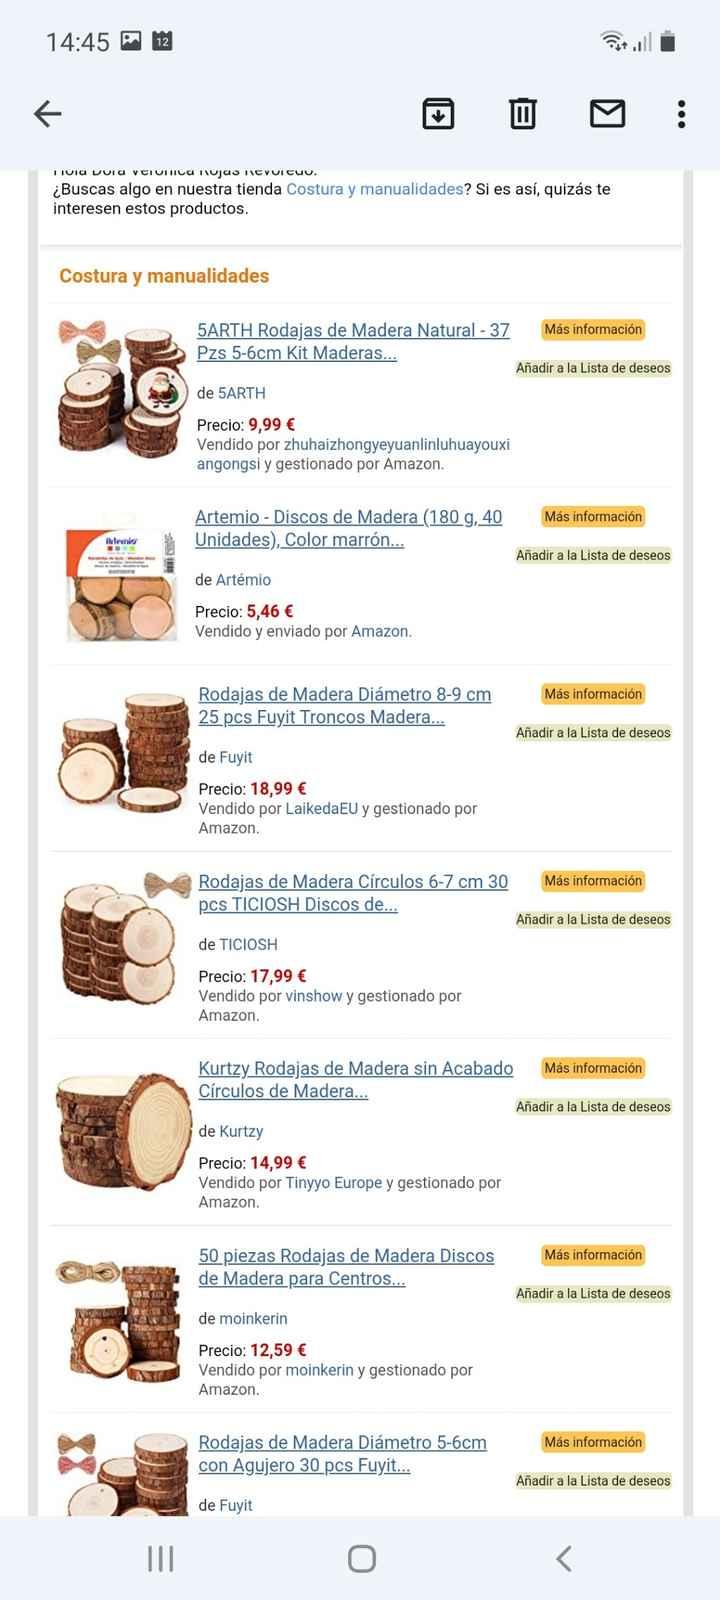 Rodajas de madera 25-30 cm - 1